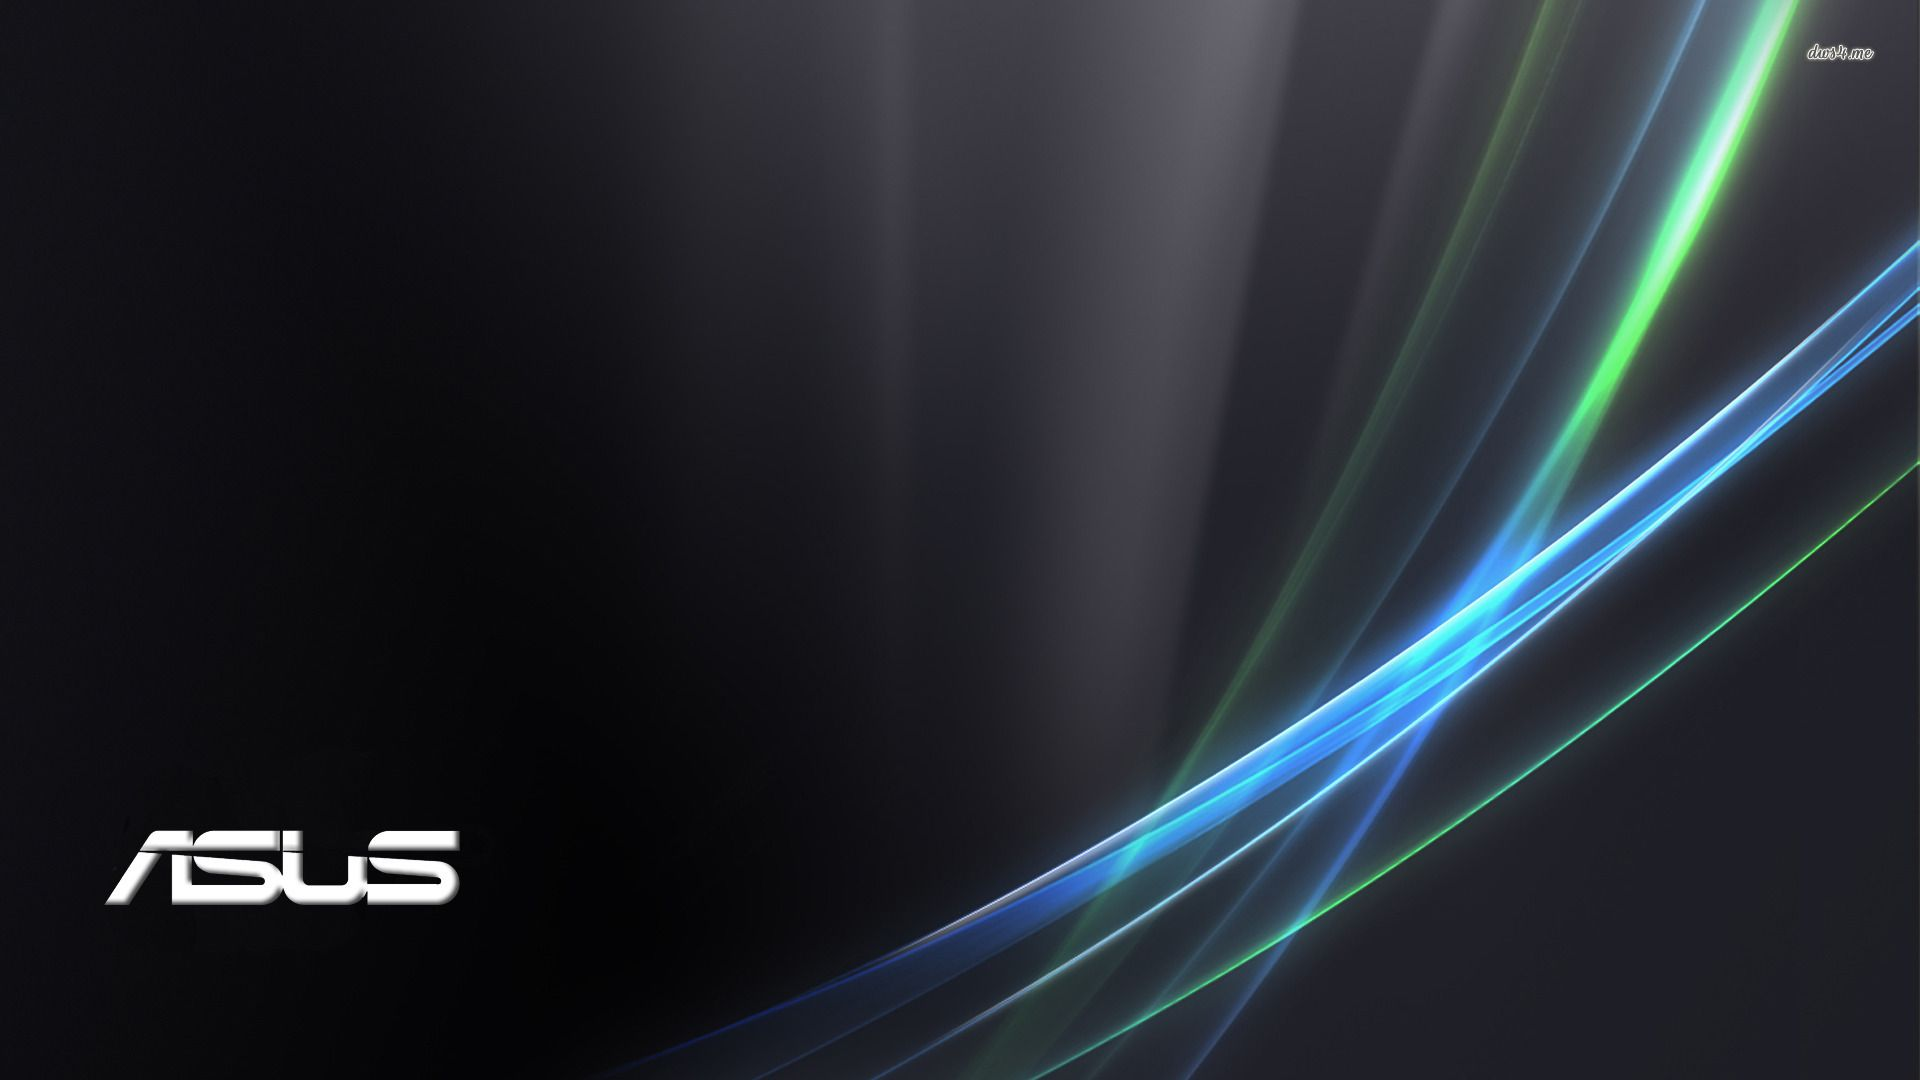 Free 3d Wallpaper For Computer Desktop Asus Intel Journey Hd Desktop Wallpaper Widescreen High